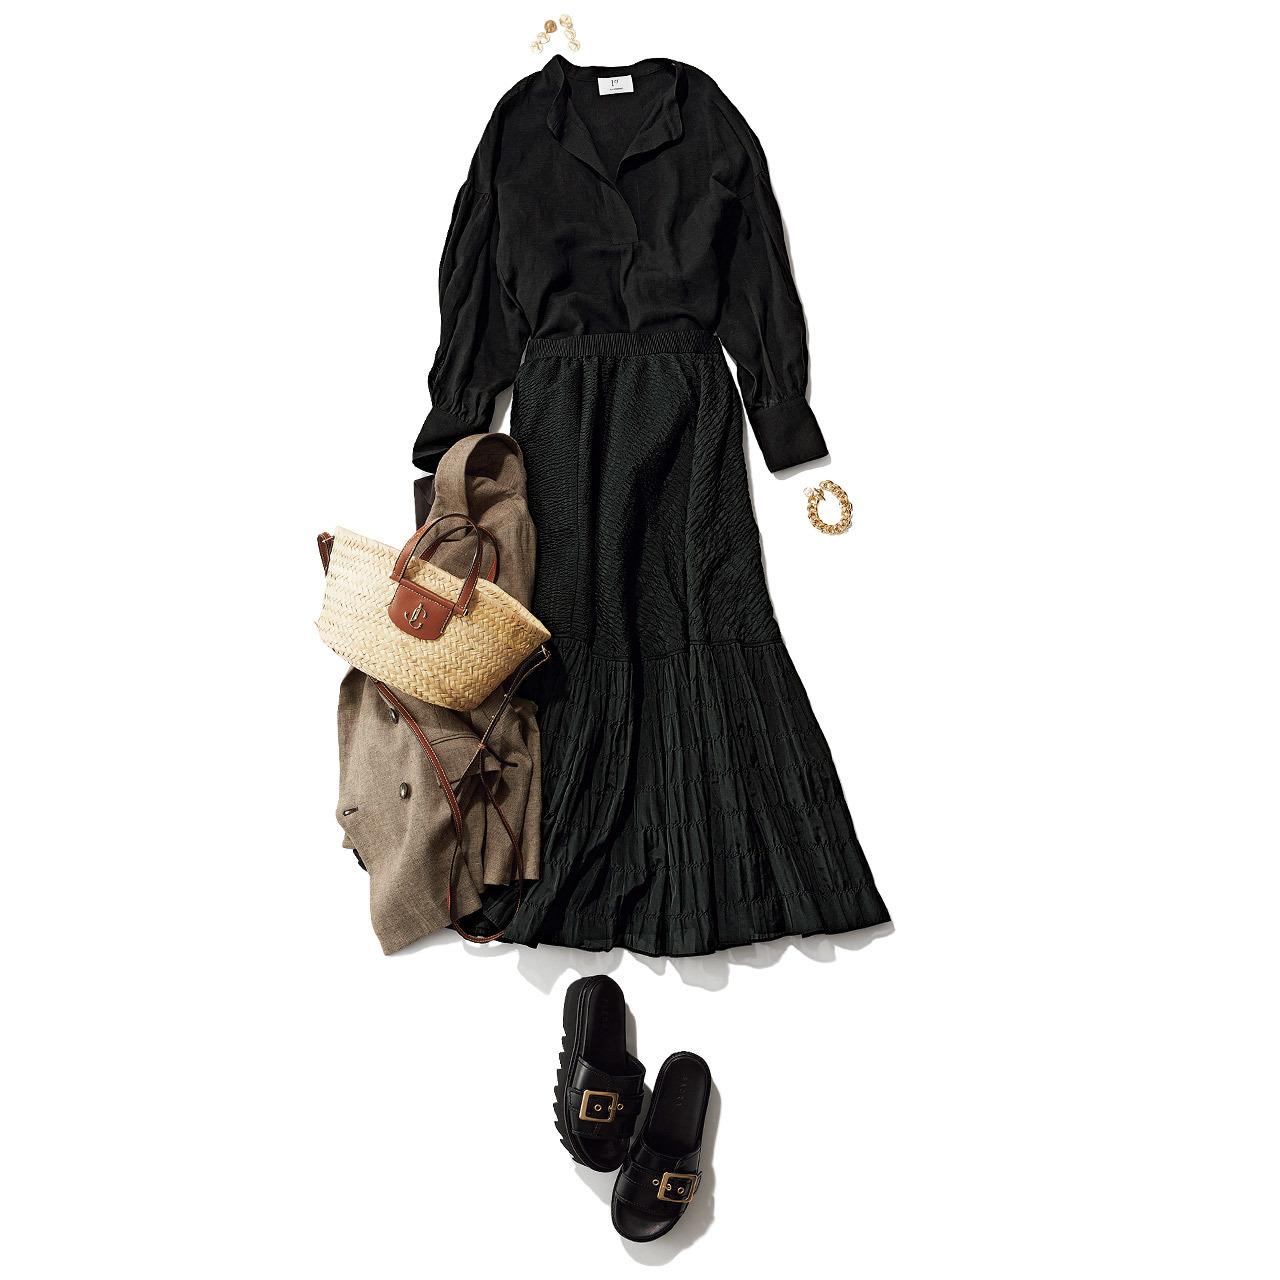 黒ブラウス×黒のティアードスカートコーデ